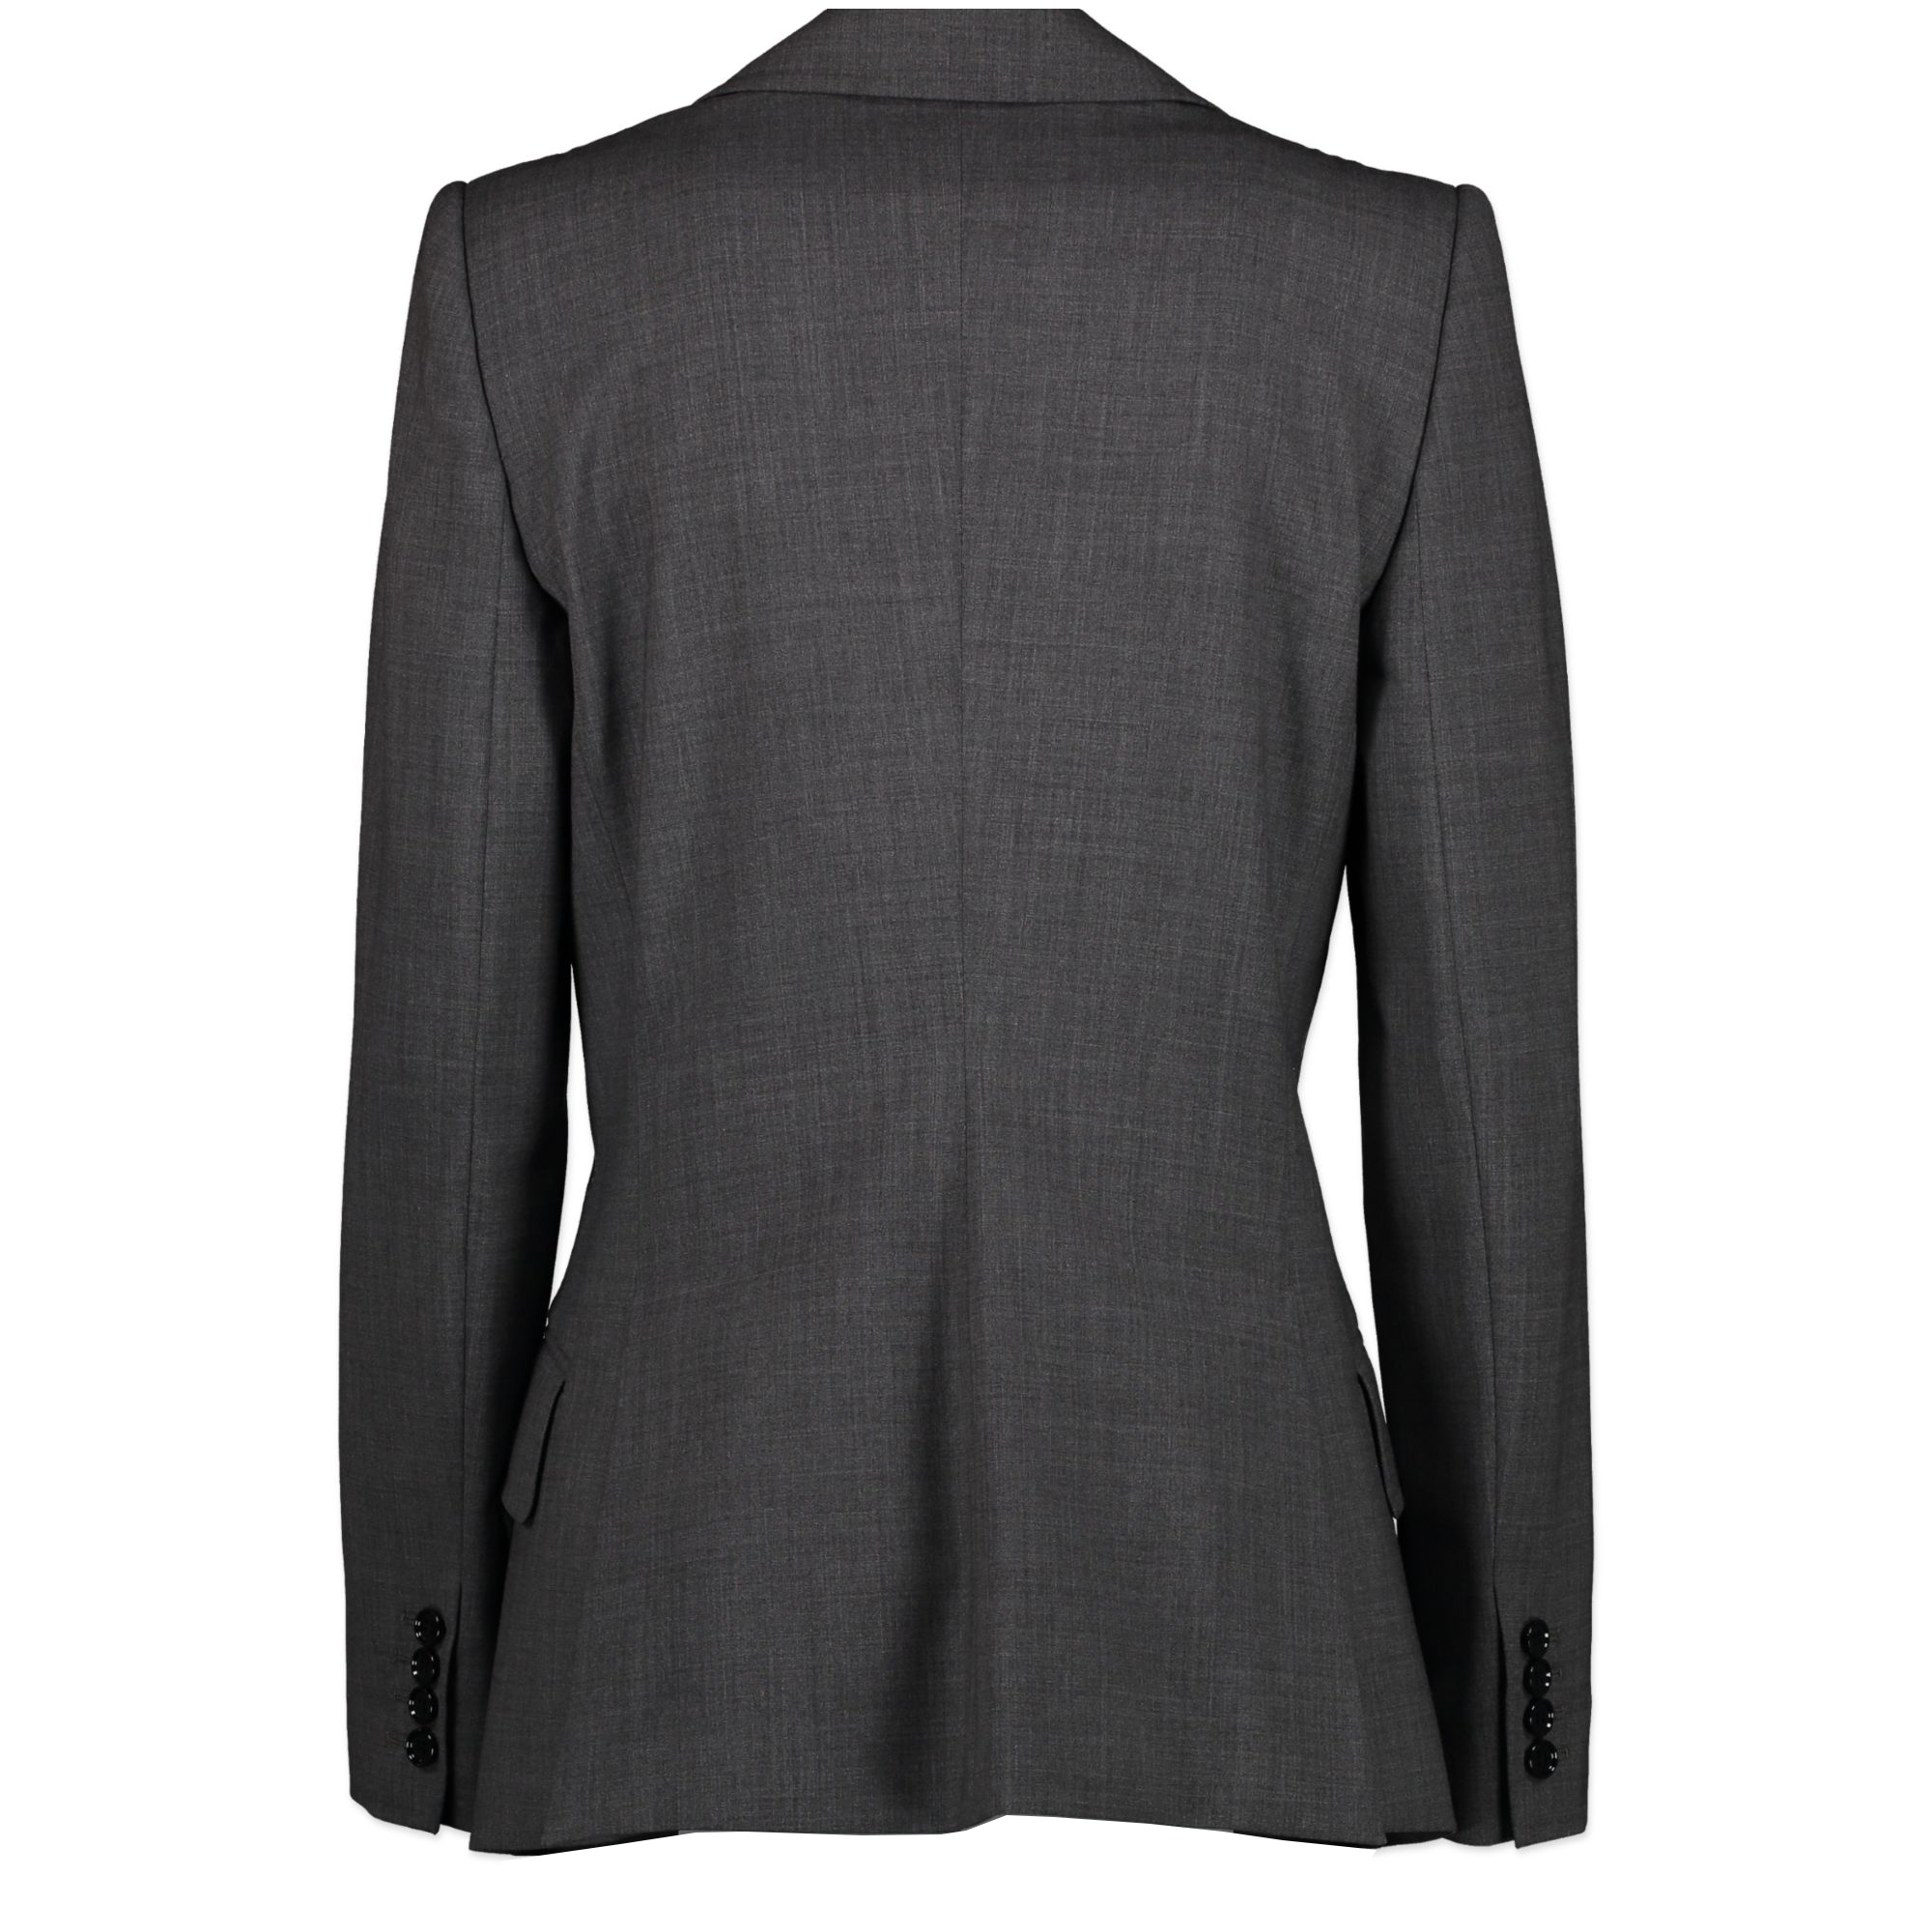 Dolce & Gabbana Grey Blazer - IT Size 40